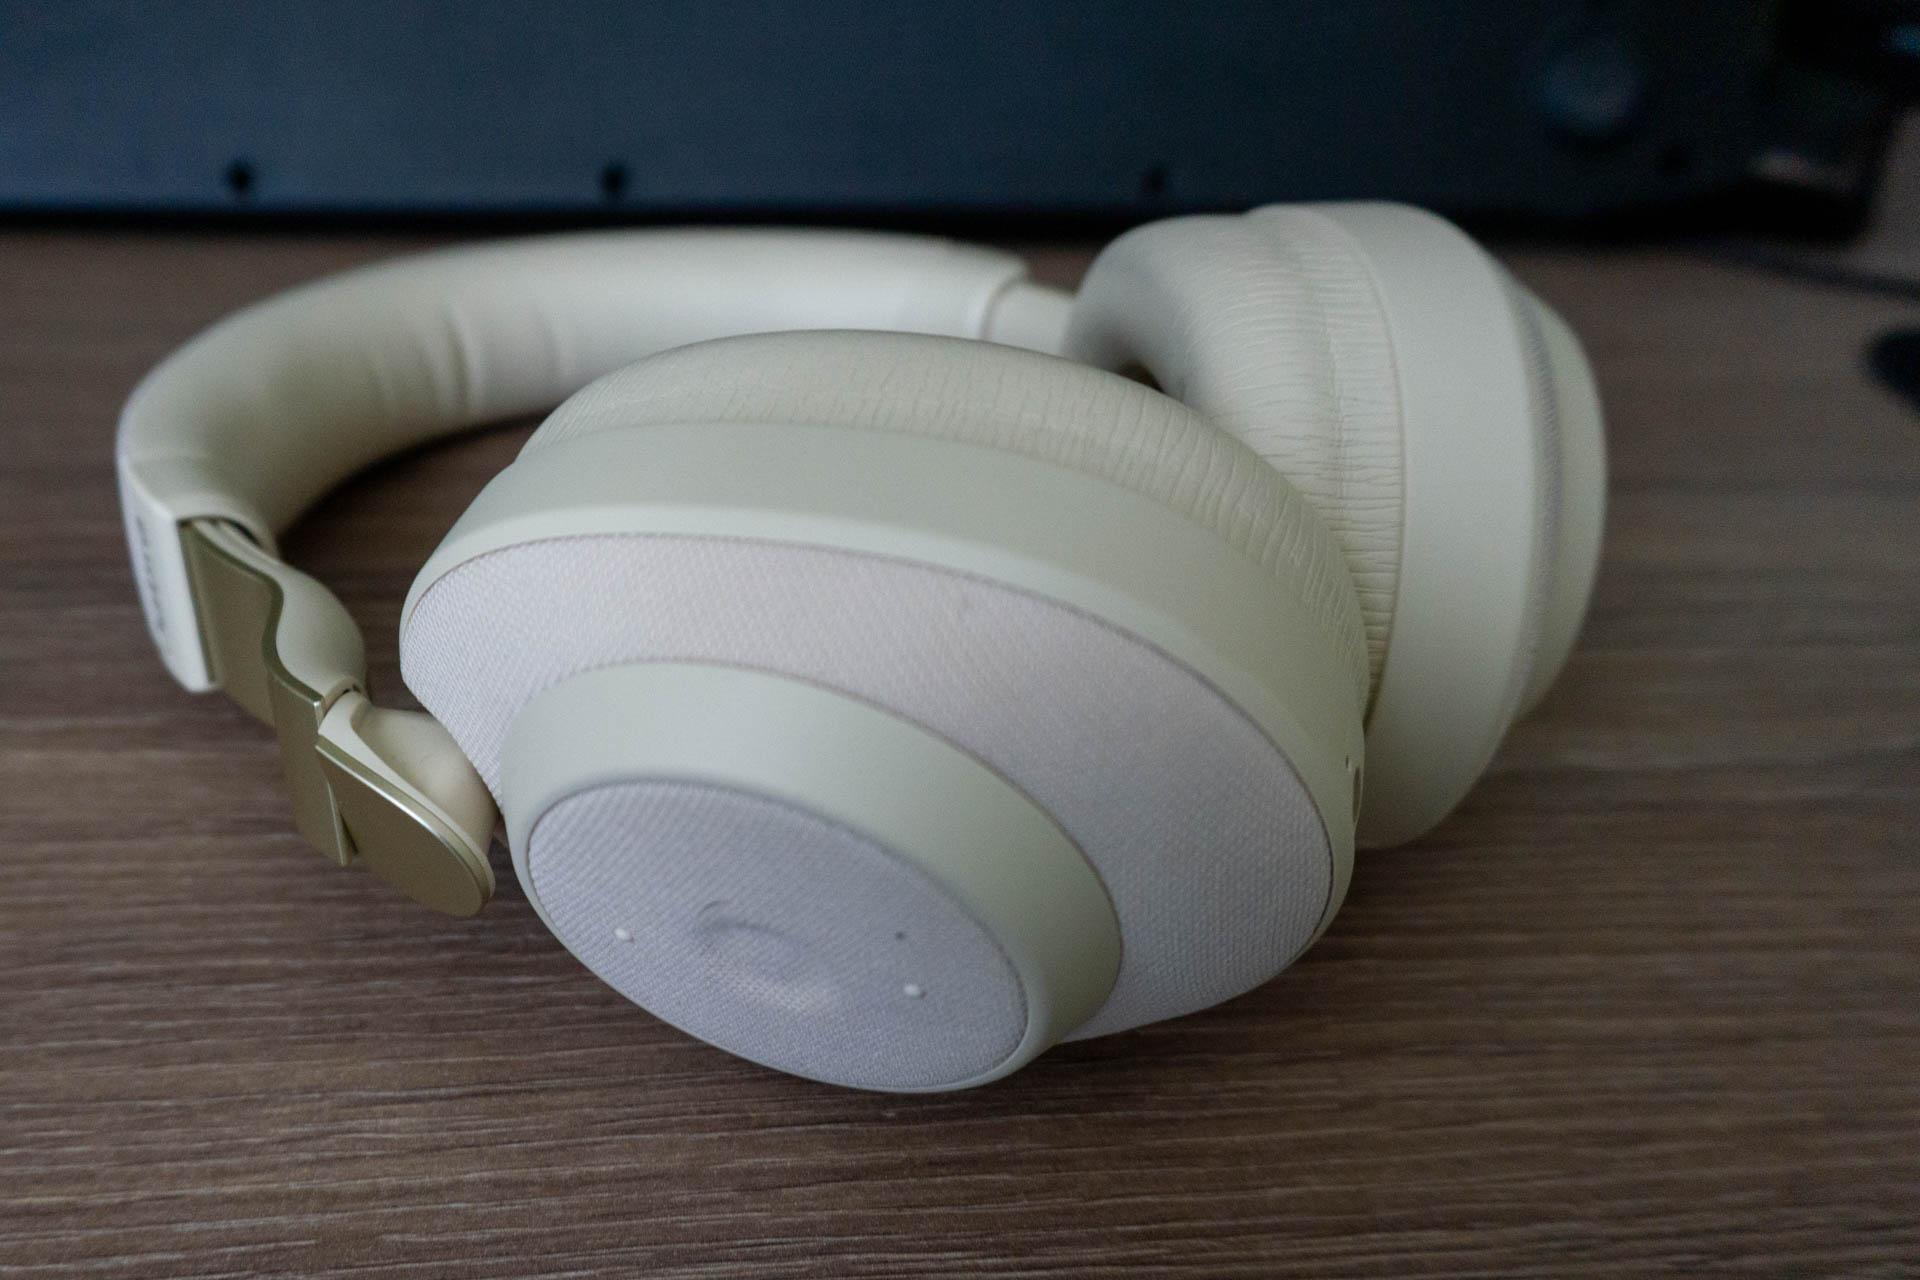 Słuchawki Jabra Elite 85h - tylko dla biznesmenów? (recenzja) 31